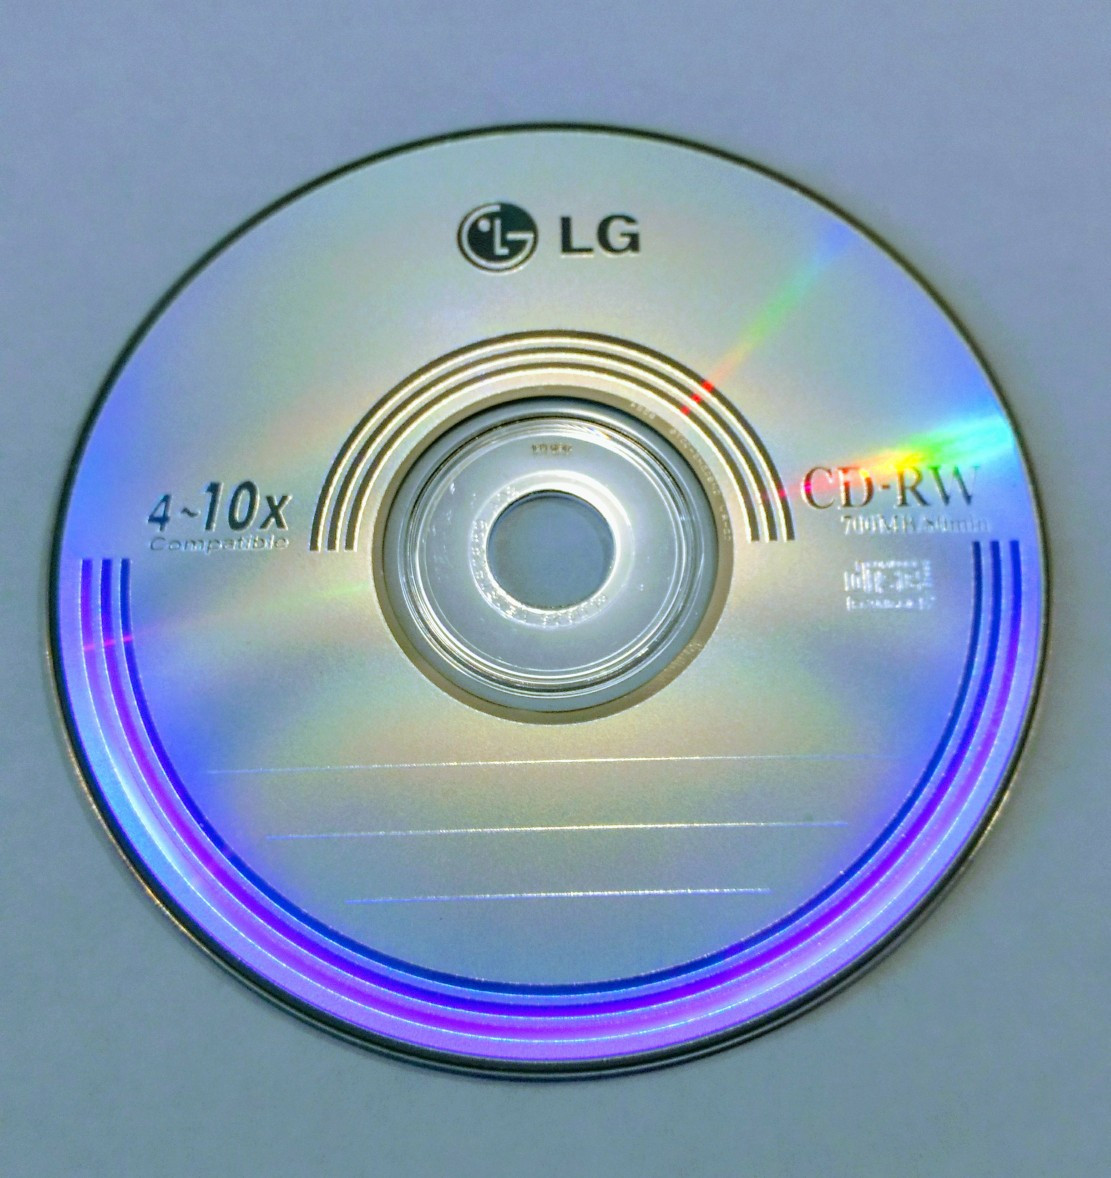 Диск CD-RW LG 700MB/80min 4-10x